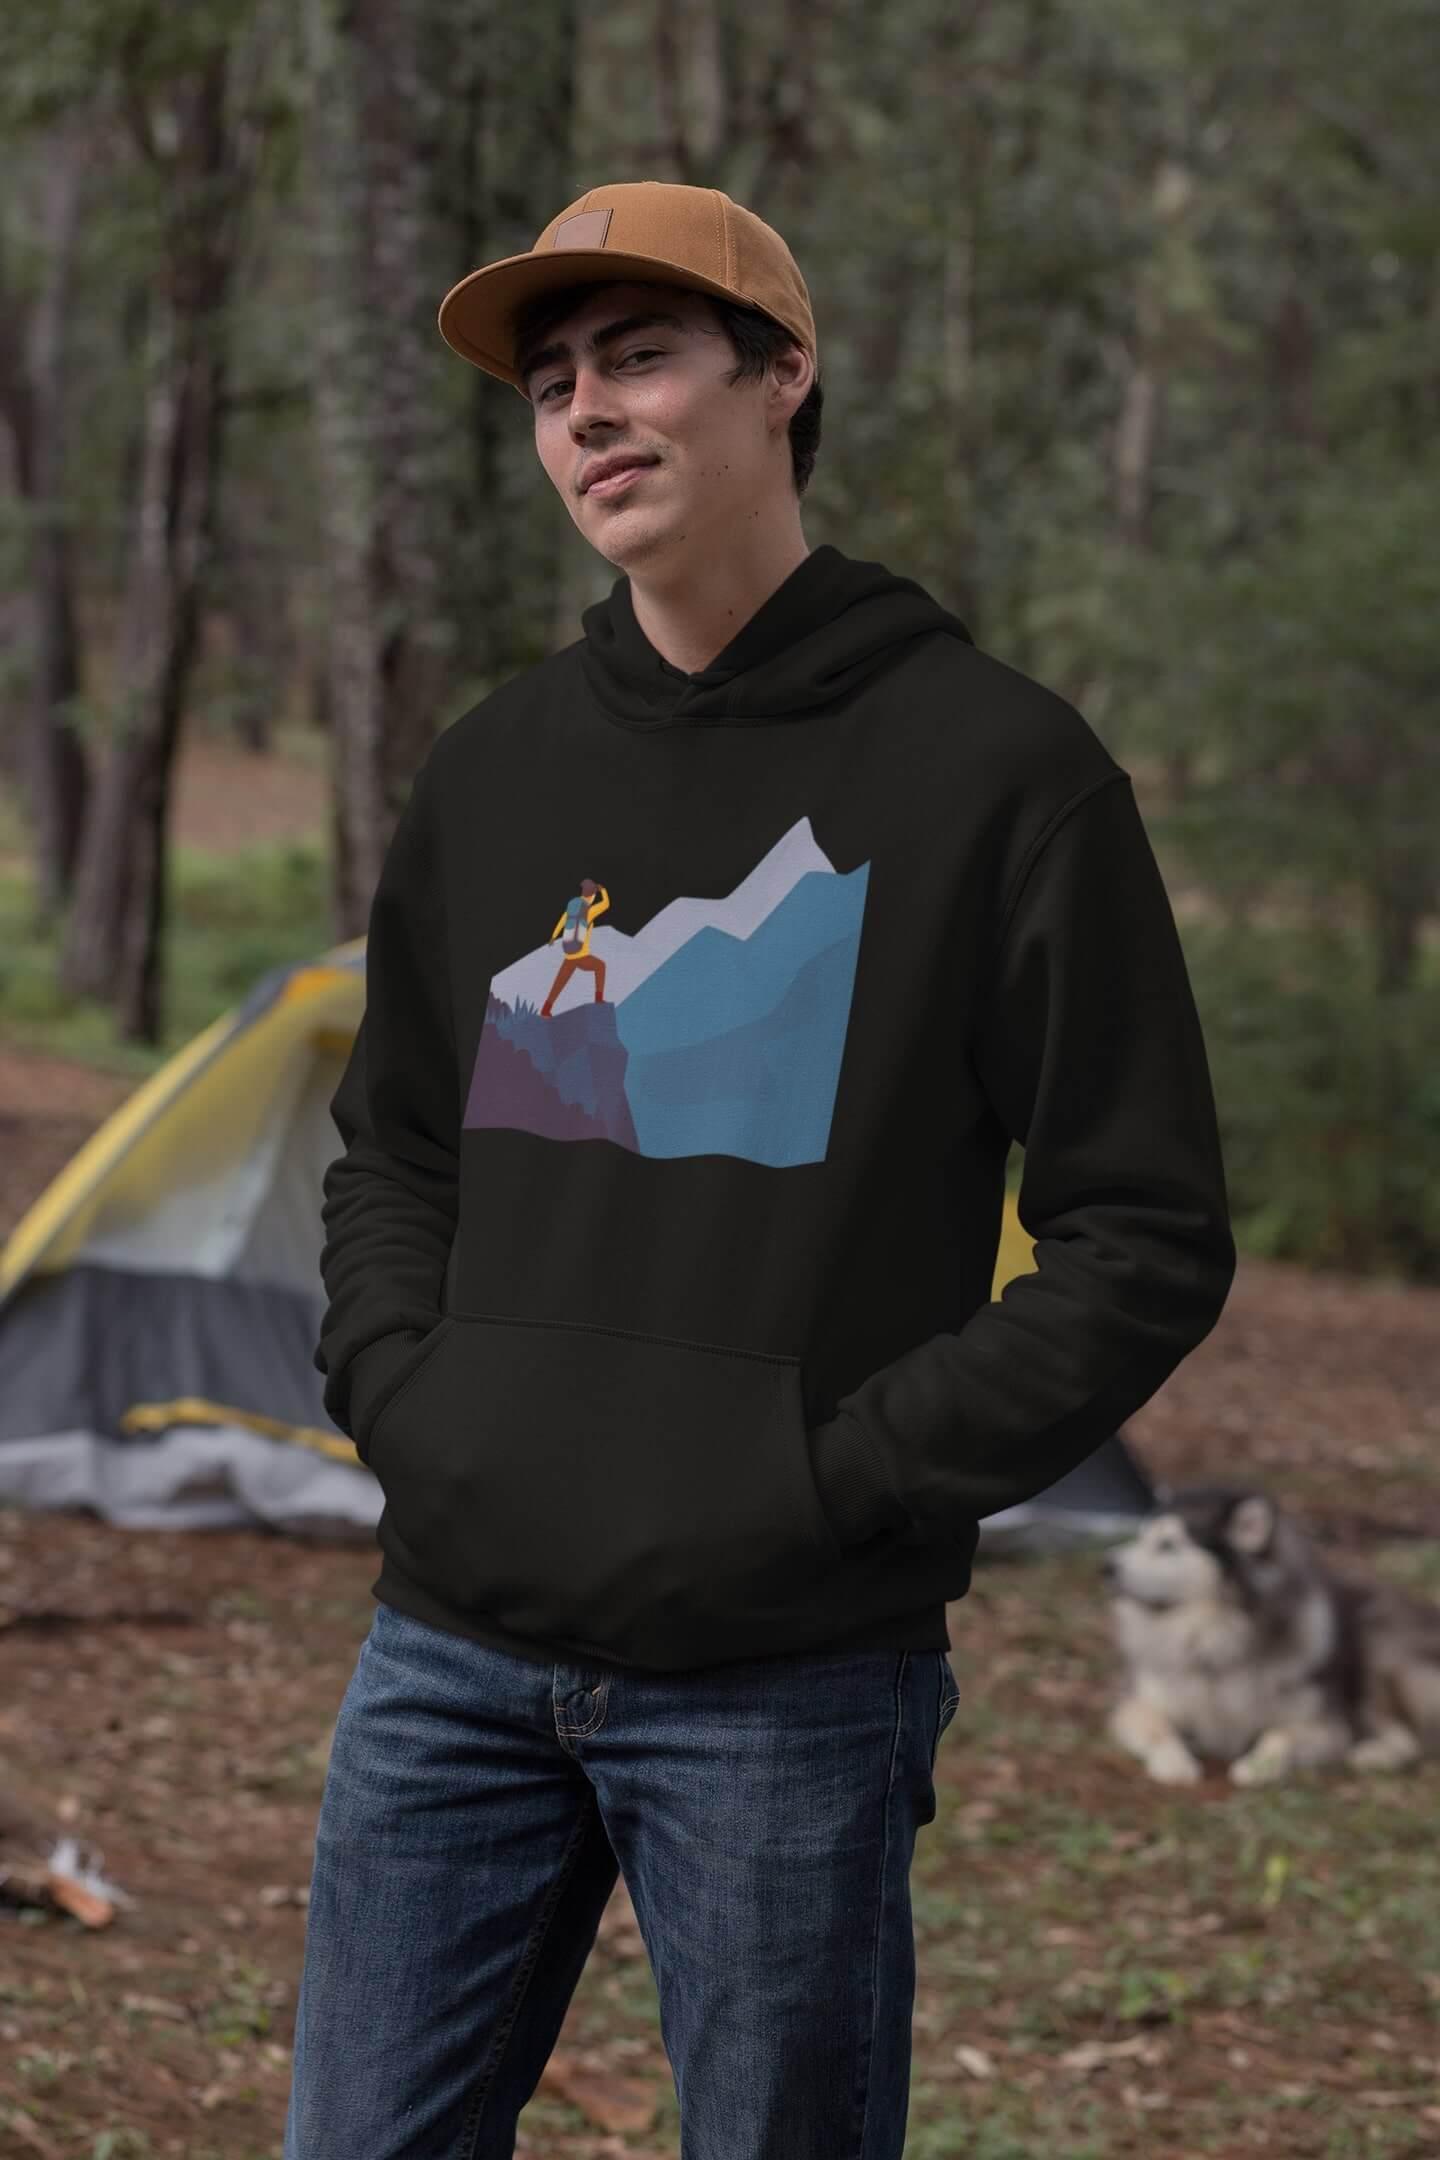 MMO Pánska mikina s kapucňou adventure Vyberte farbu: Čierna, Vyberte veľkosť: XL